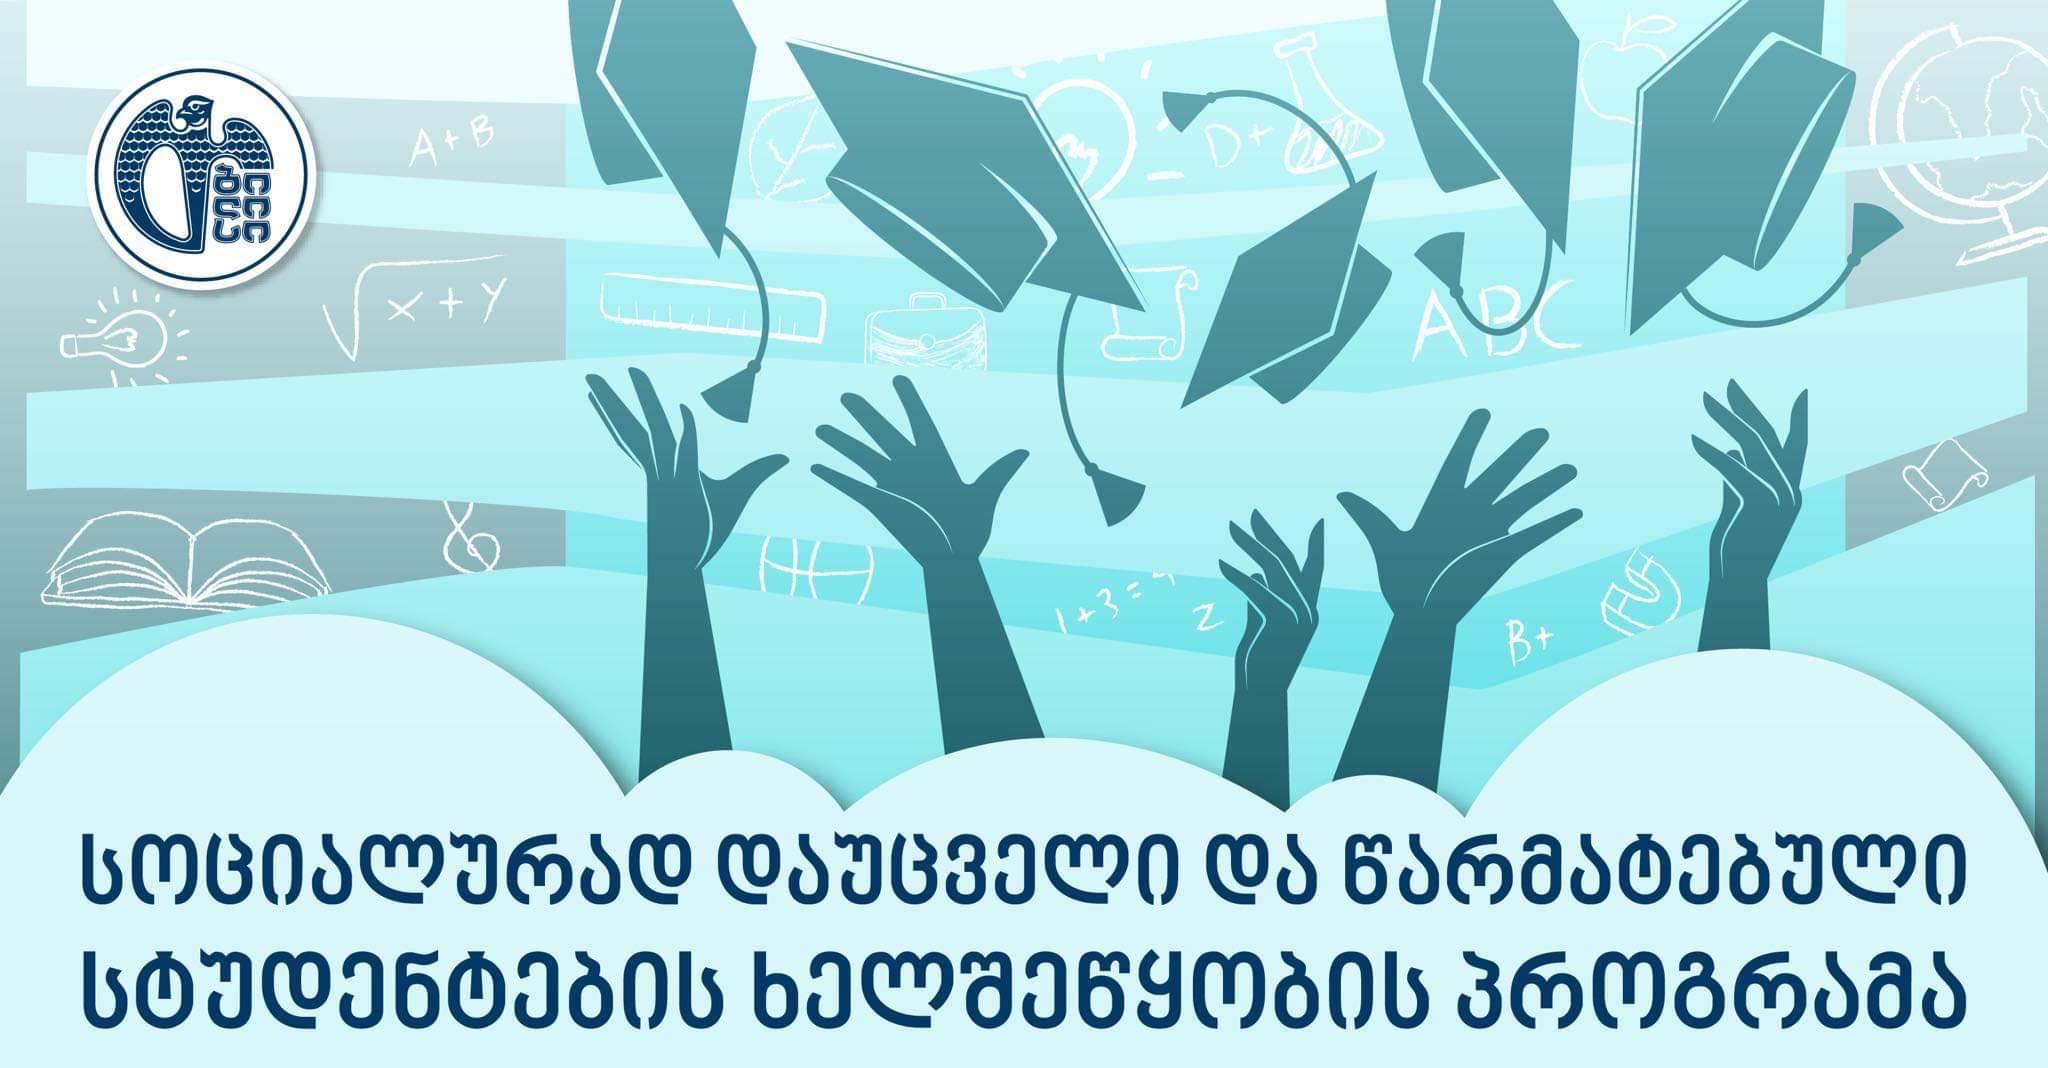 სოციალურად დაუცველი და წარმატებული სტუდენტების დაფინანსების მიზნით, განცხადებების მიღება იწყება